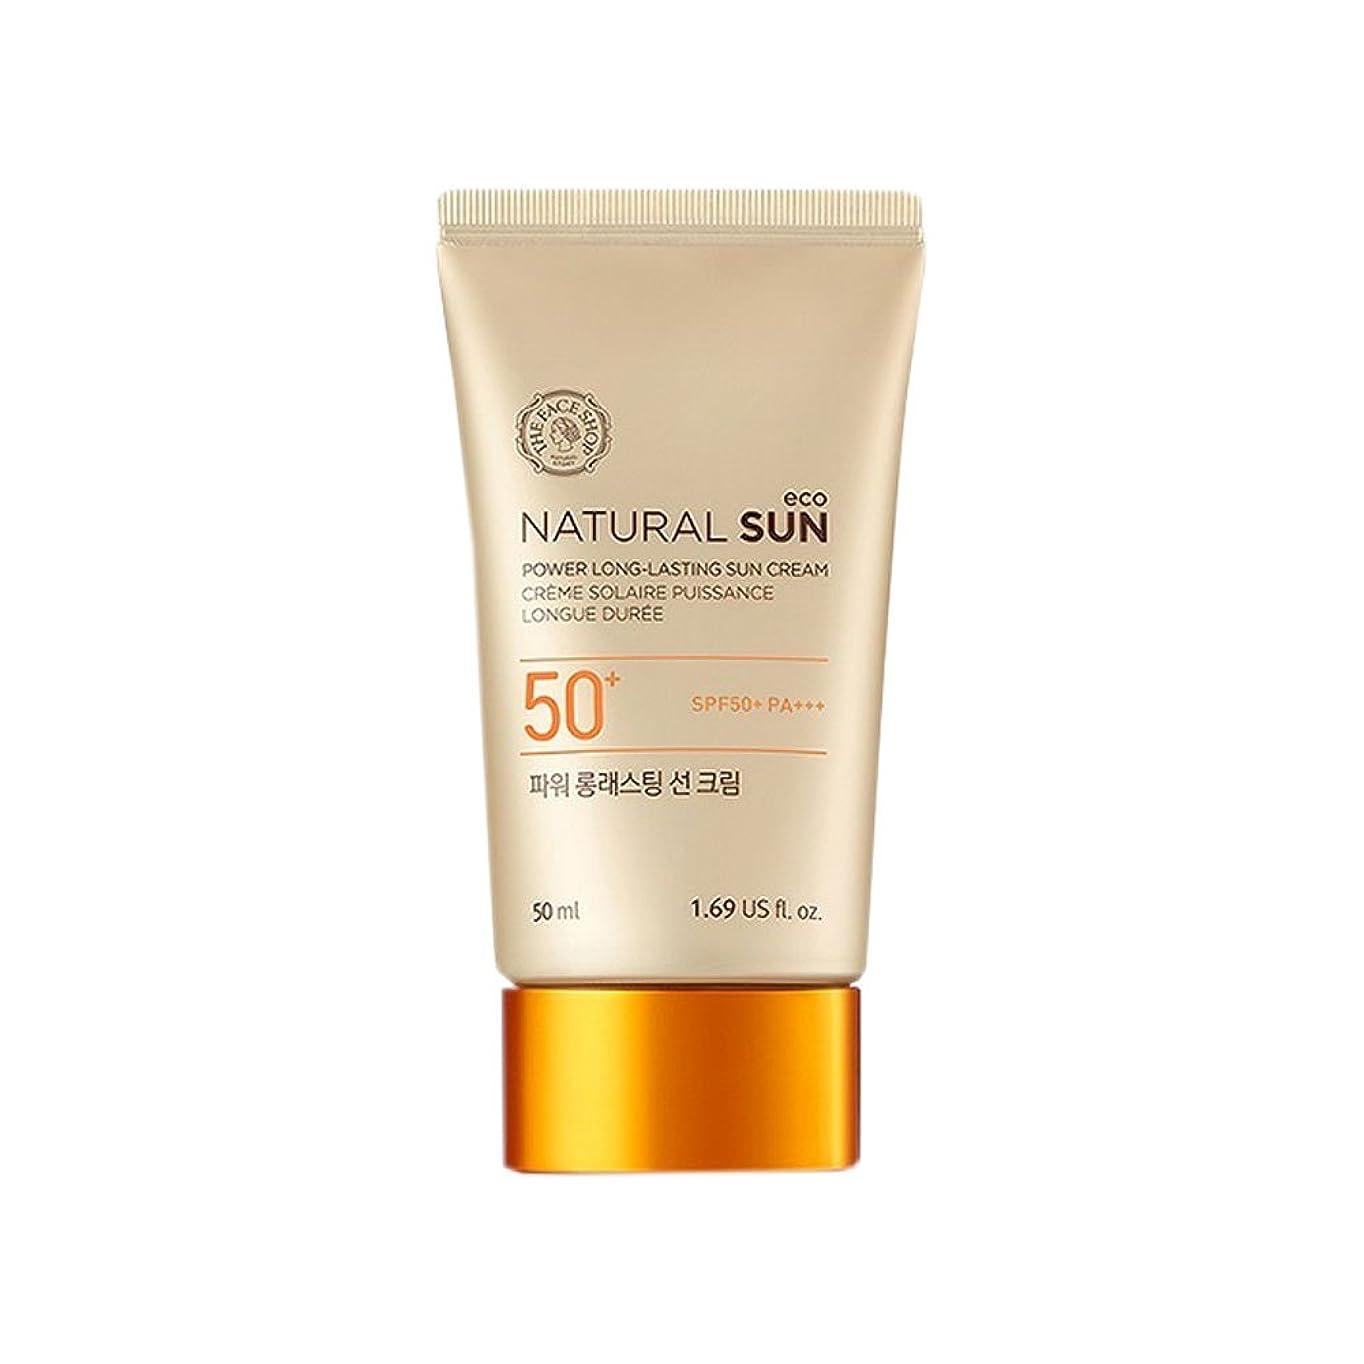 構成するおもしろい振り向く[ザ?フェイスショップ] The Face Shop ナチュラルサン エコ パワー ロングラスティング サン クリーム SPF50+PA+++50ml The Face Shop Natural Sun Eco Power Long-Lasting Sun SPF50+PA+++50ml [海外直送品]